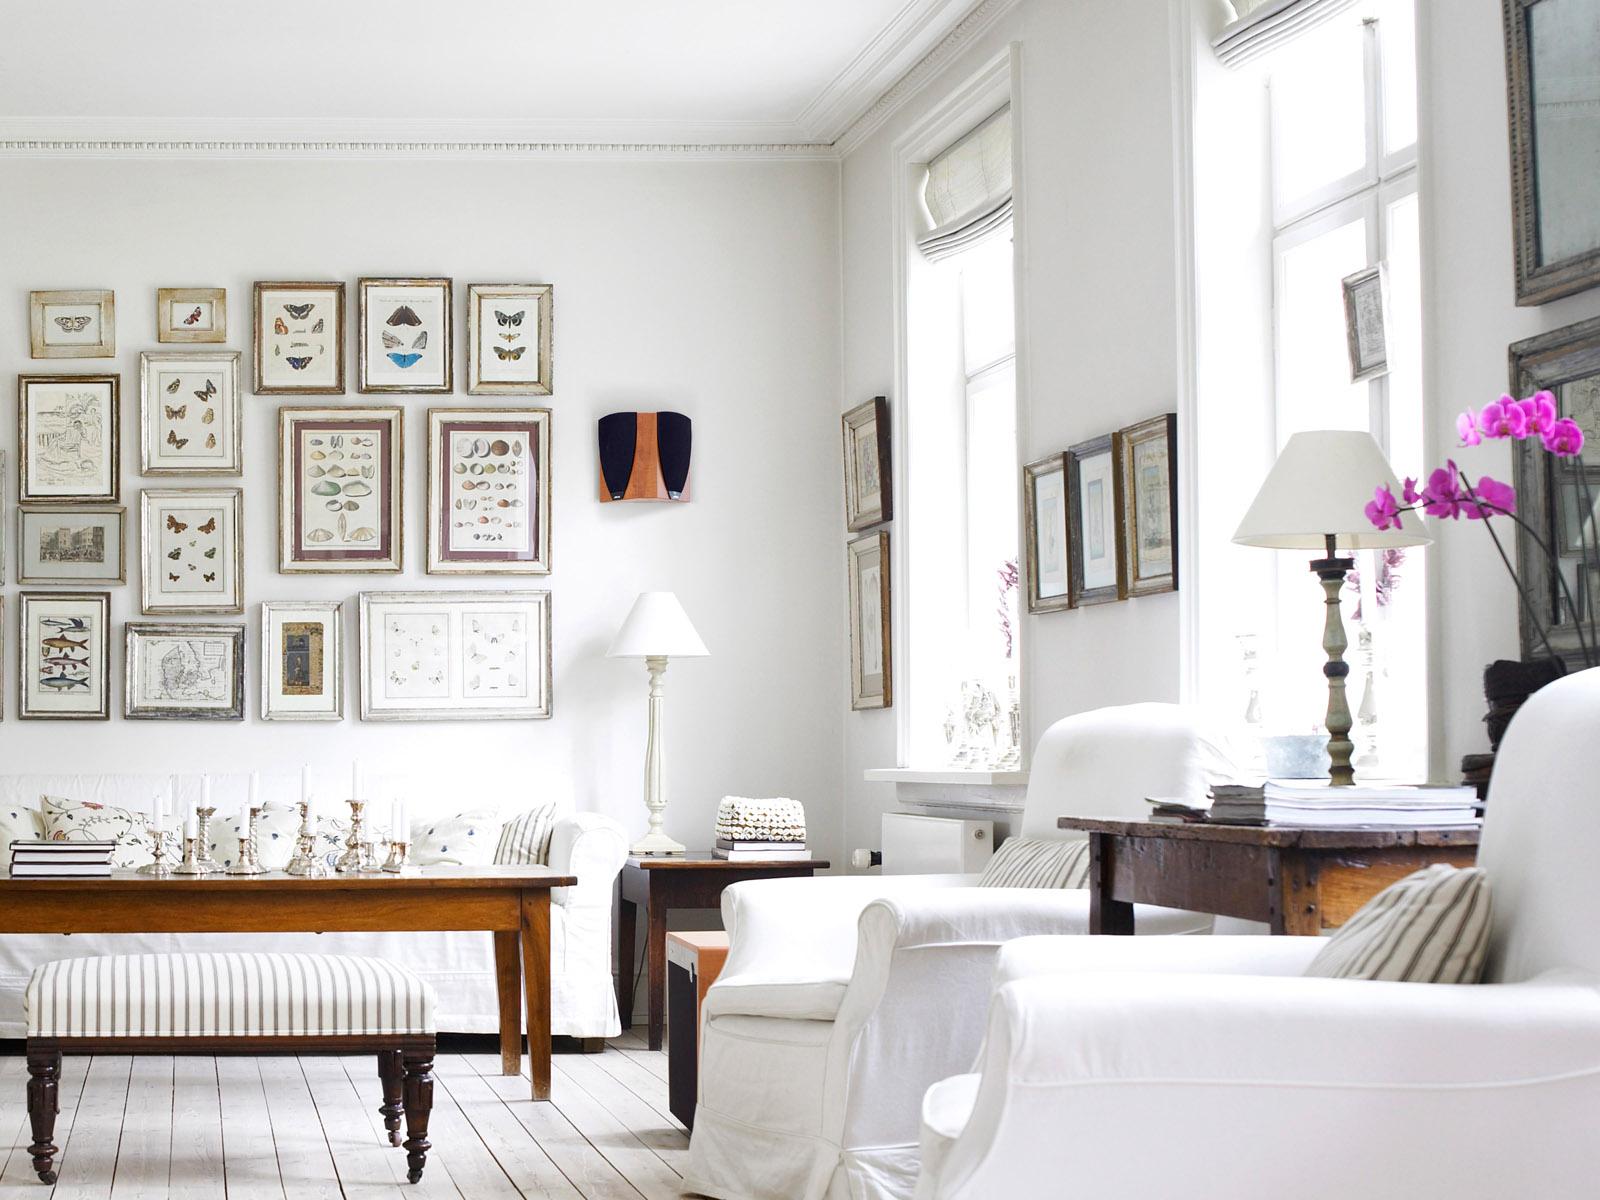 Home Interior Design Decorating